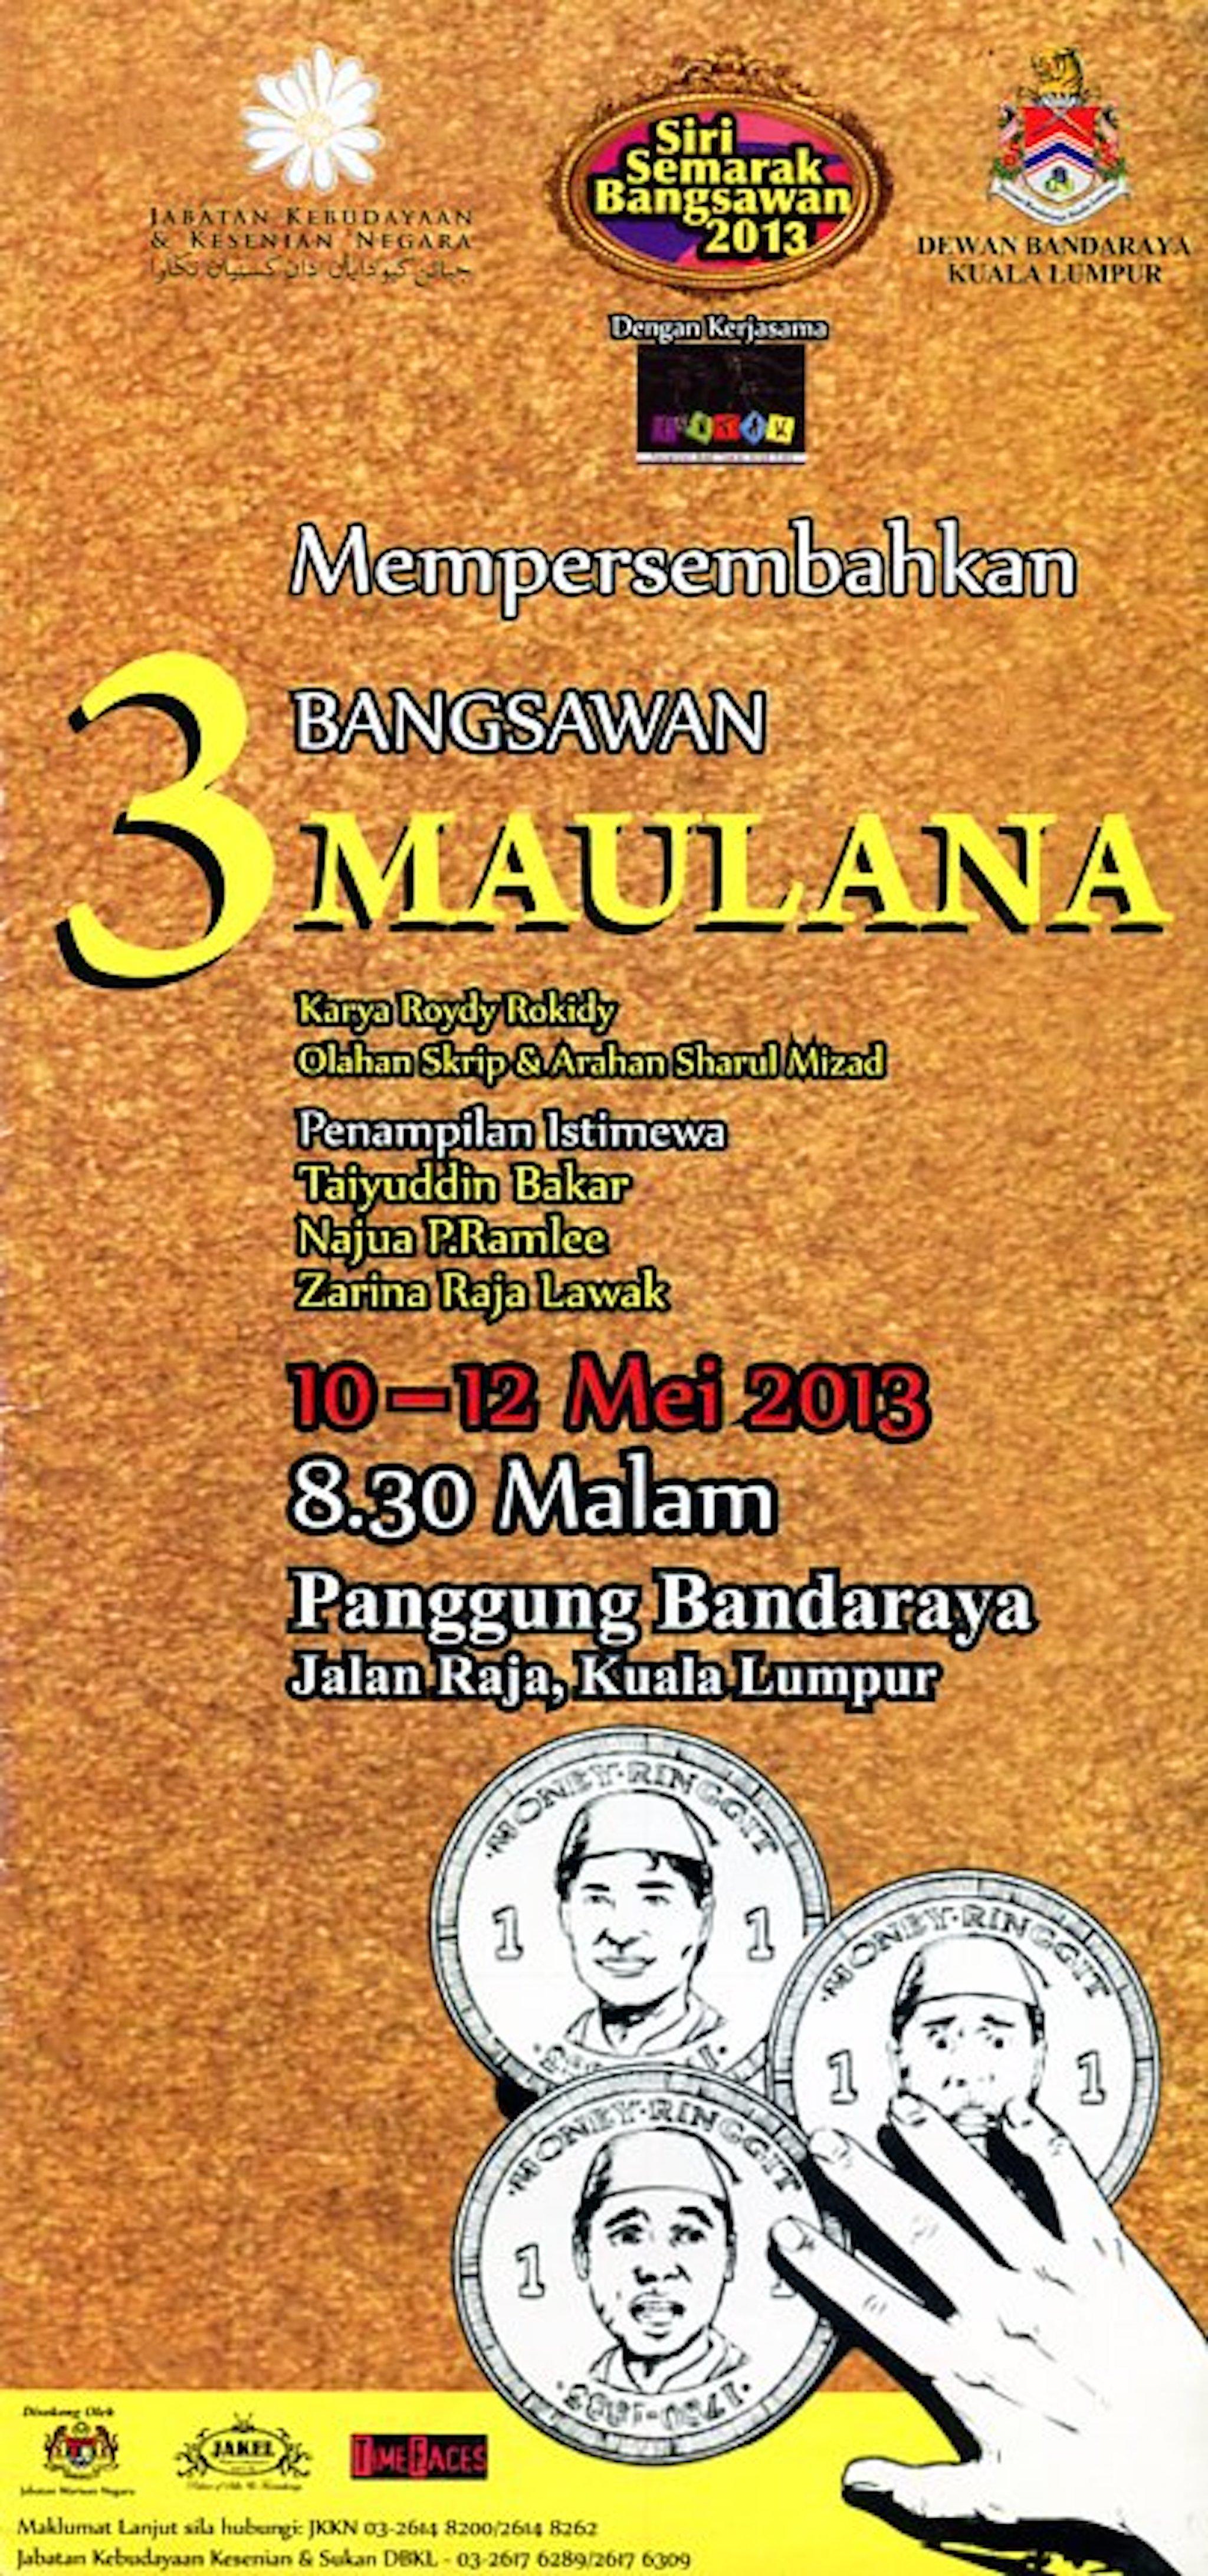 2013 Bangsawan Tiga Maulana cover